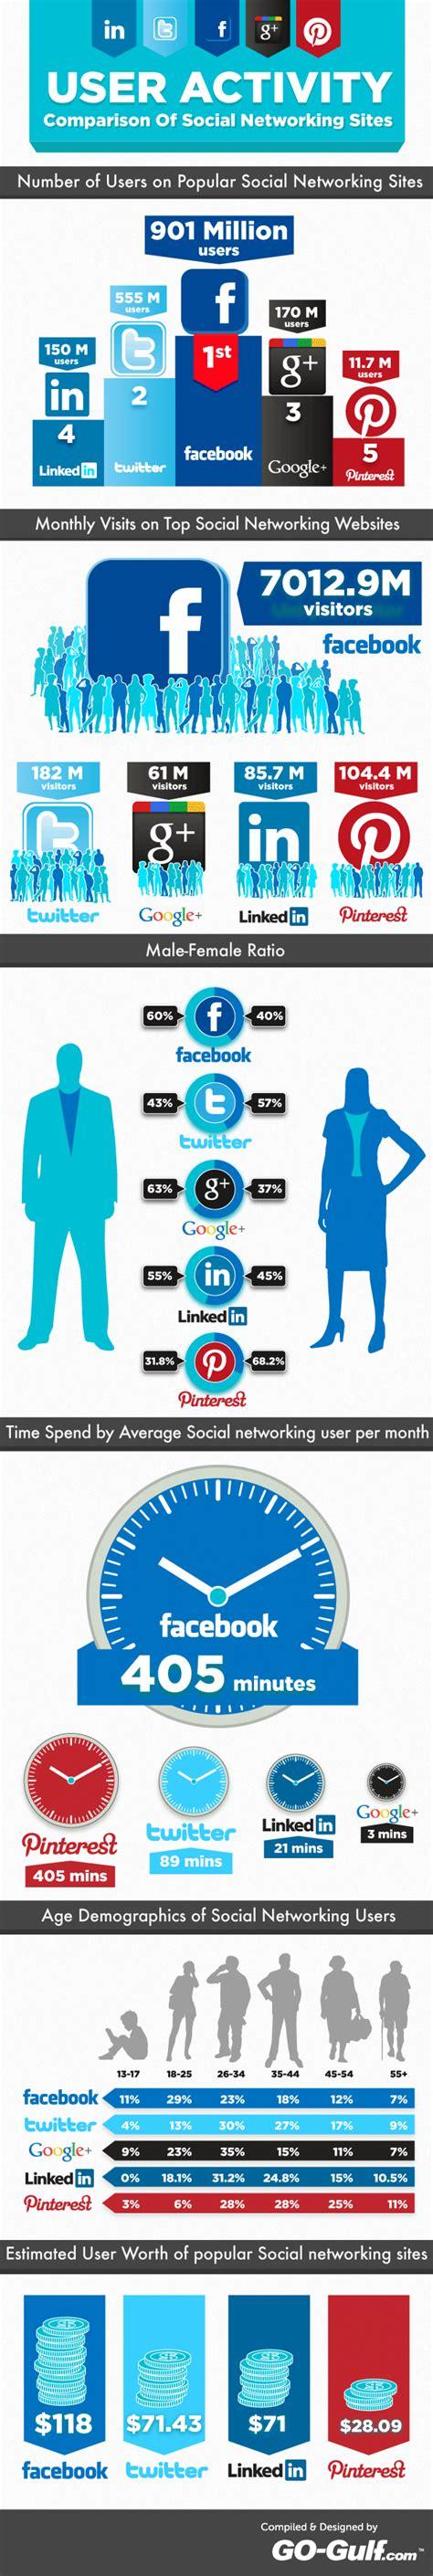 activité des sièges sociaux infographie l 39 activité des internautes sur les